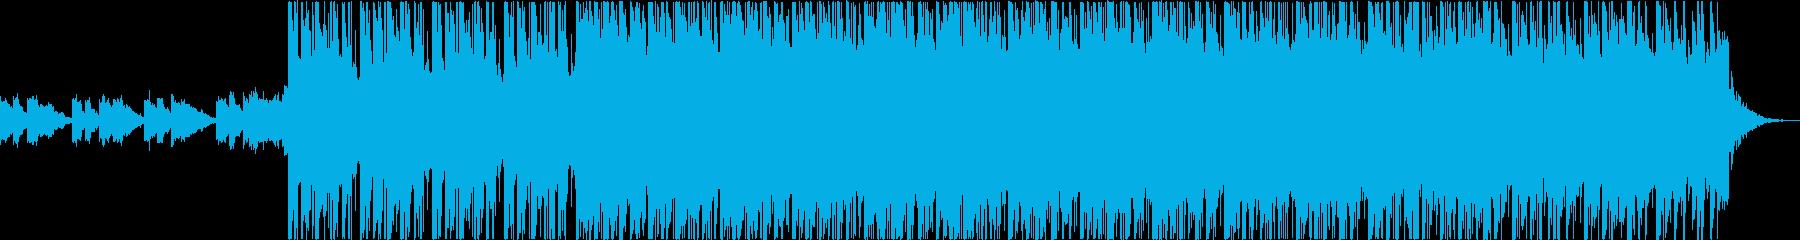 ピアノとギターのリズミカルなオープニングの再生済みの波形